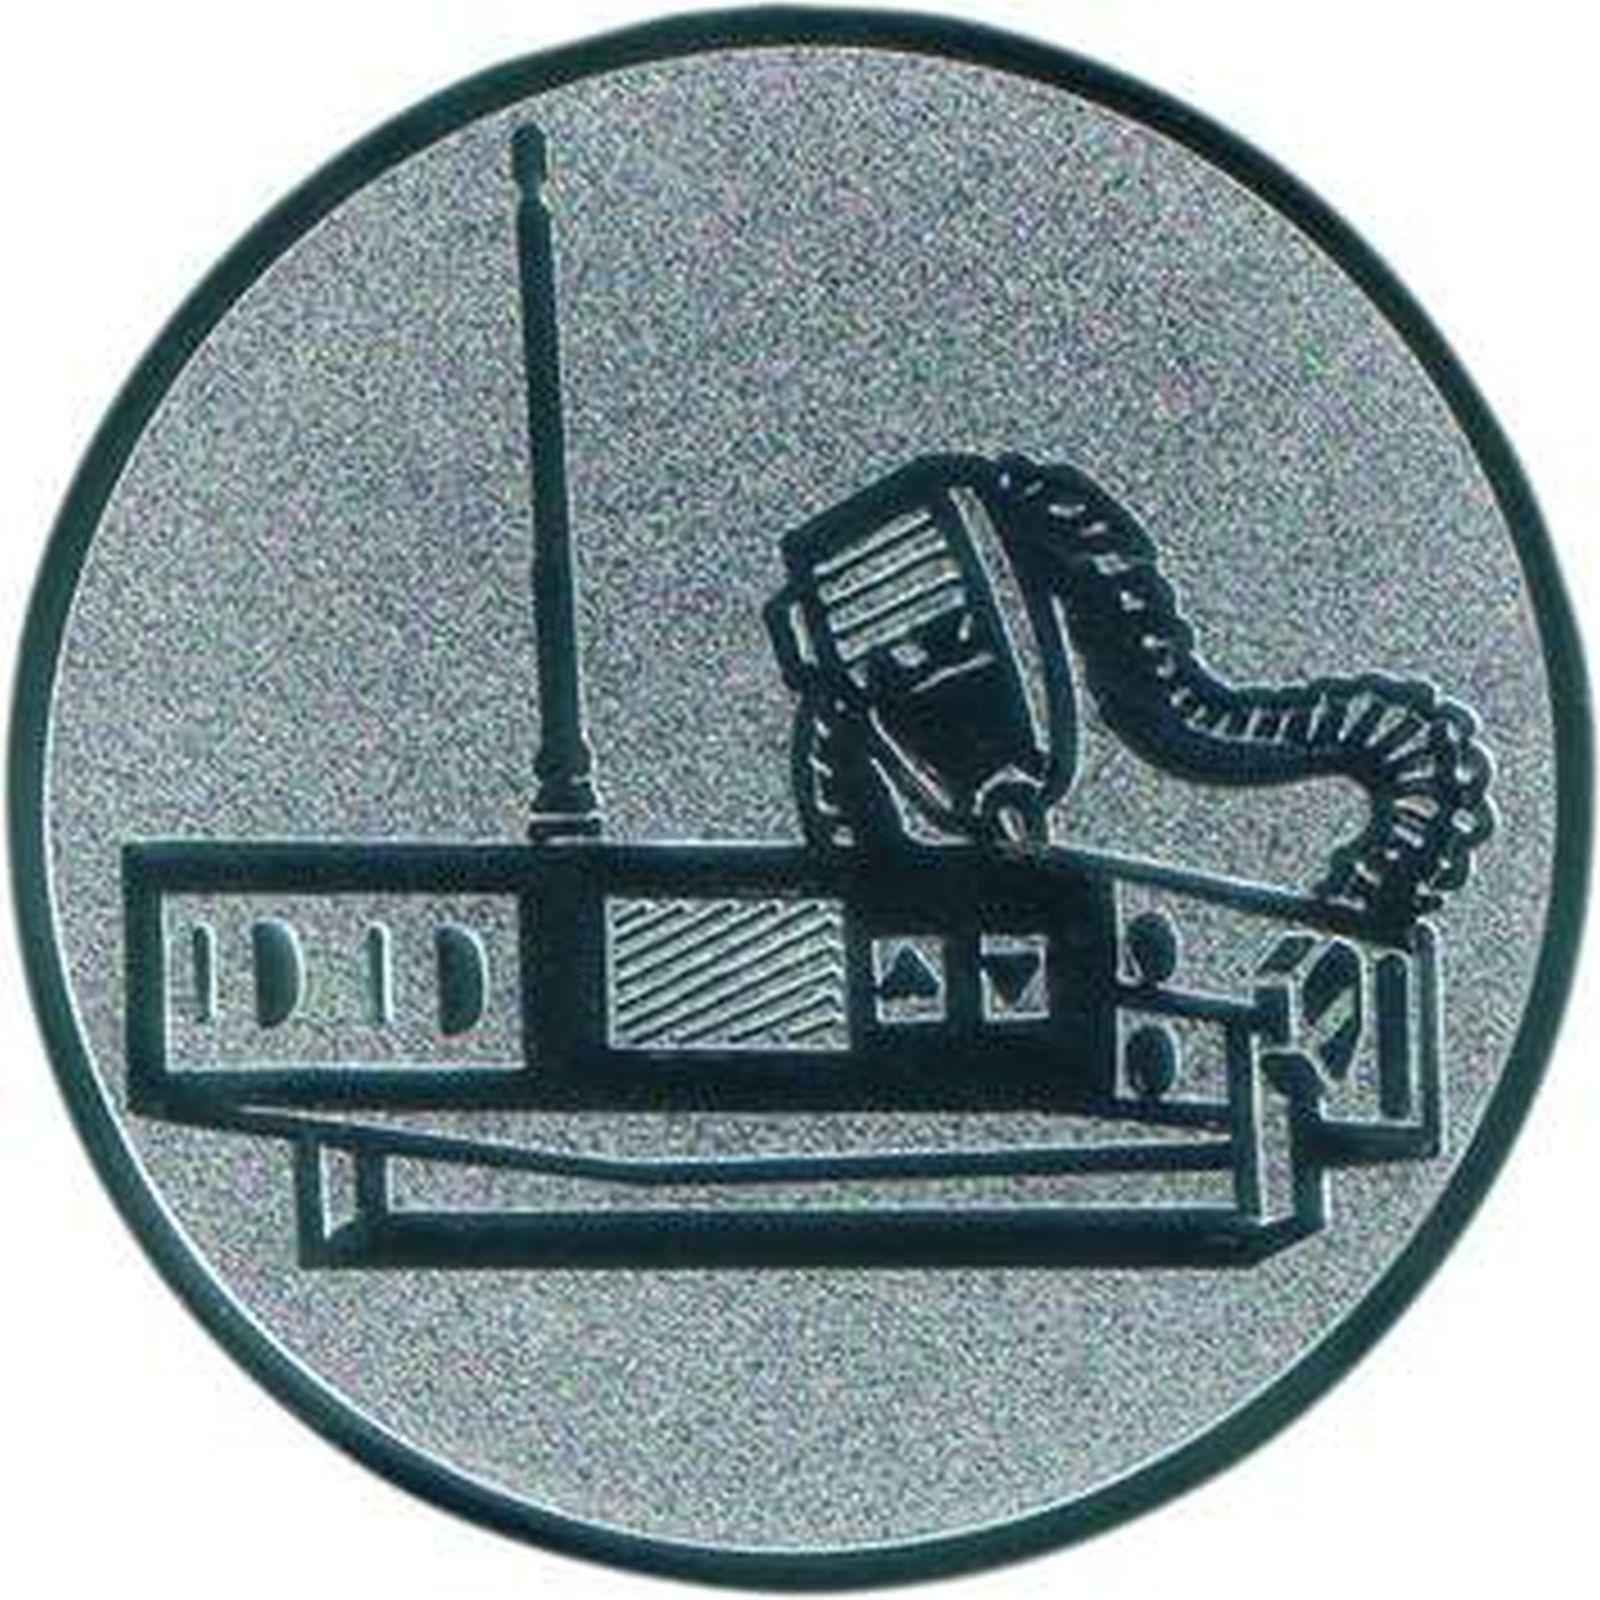 100 große Embleme CB Funk Funk Funk Gold  D 50mm (für Medaillen Pokale Pokal Medaille) af61f0